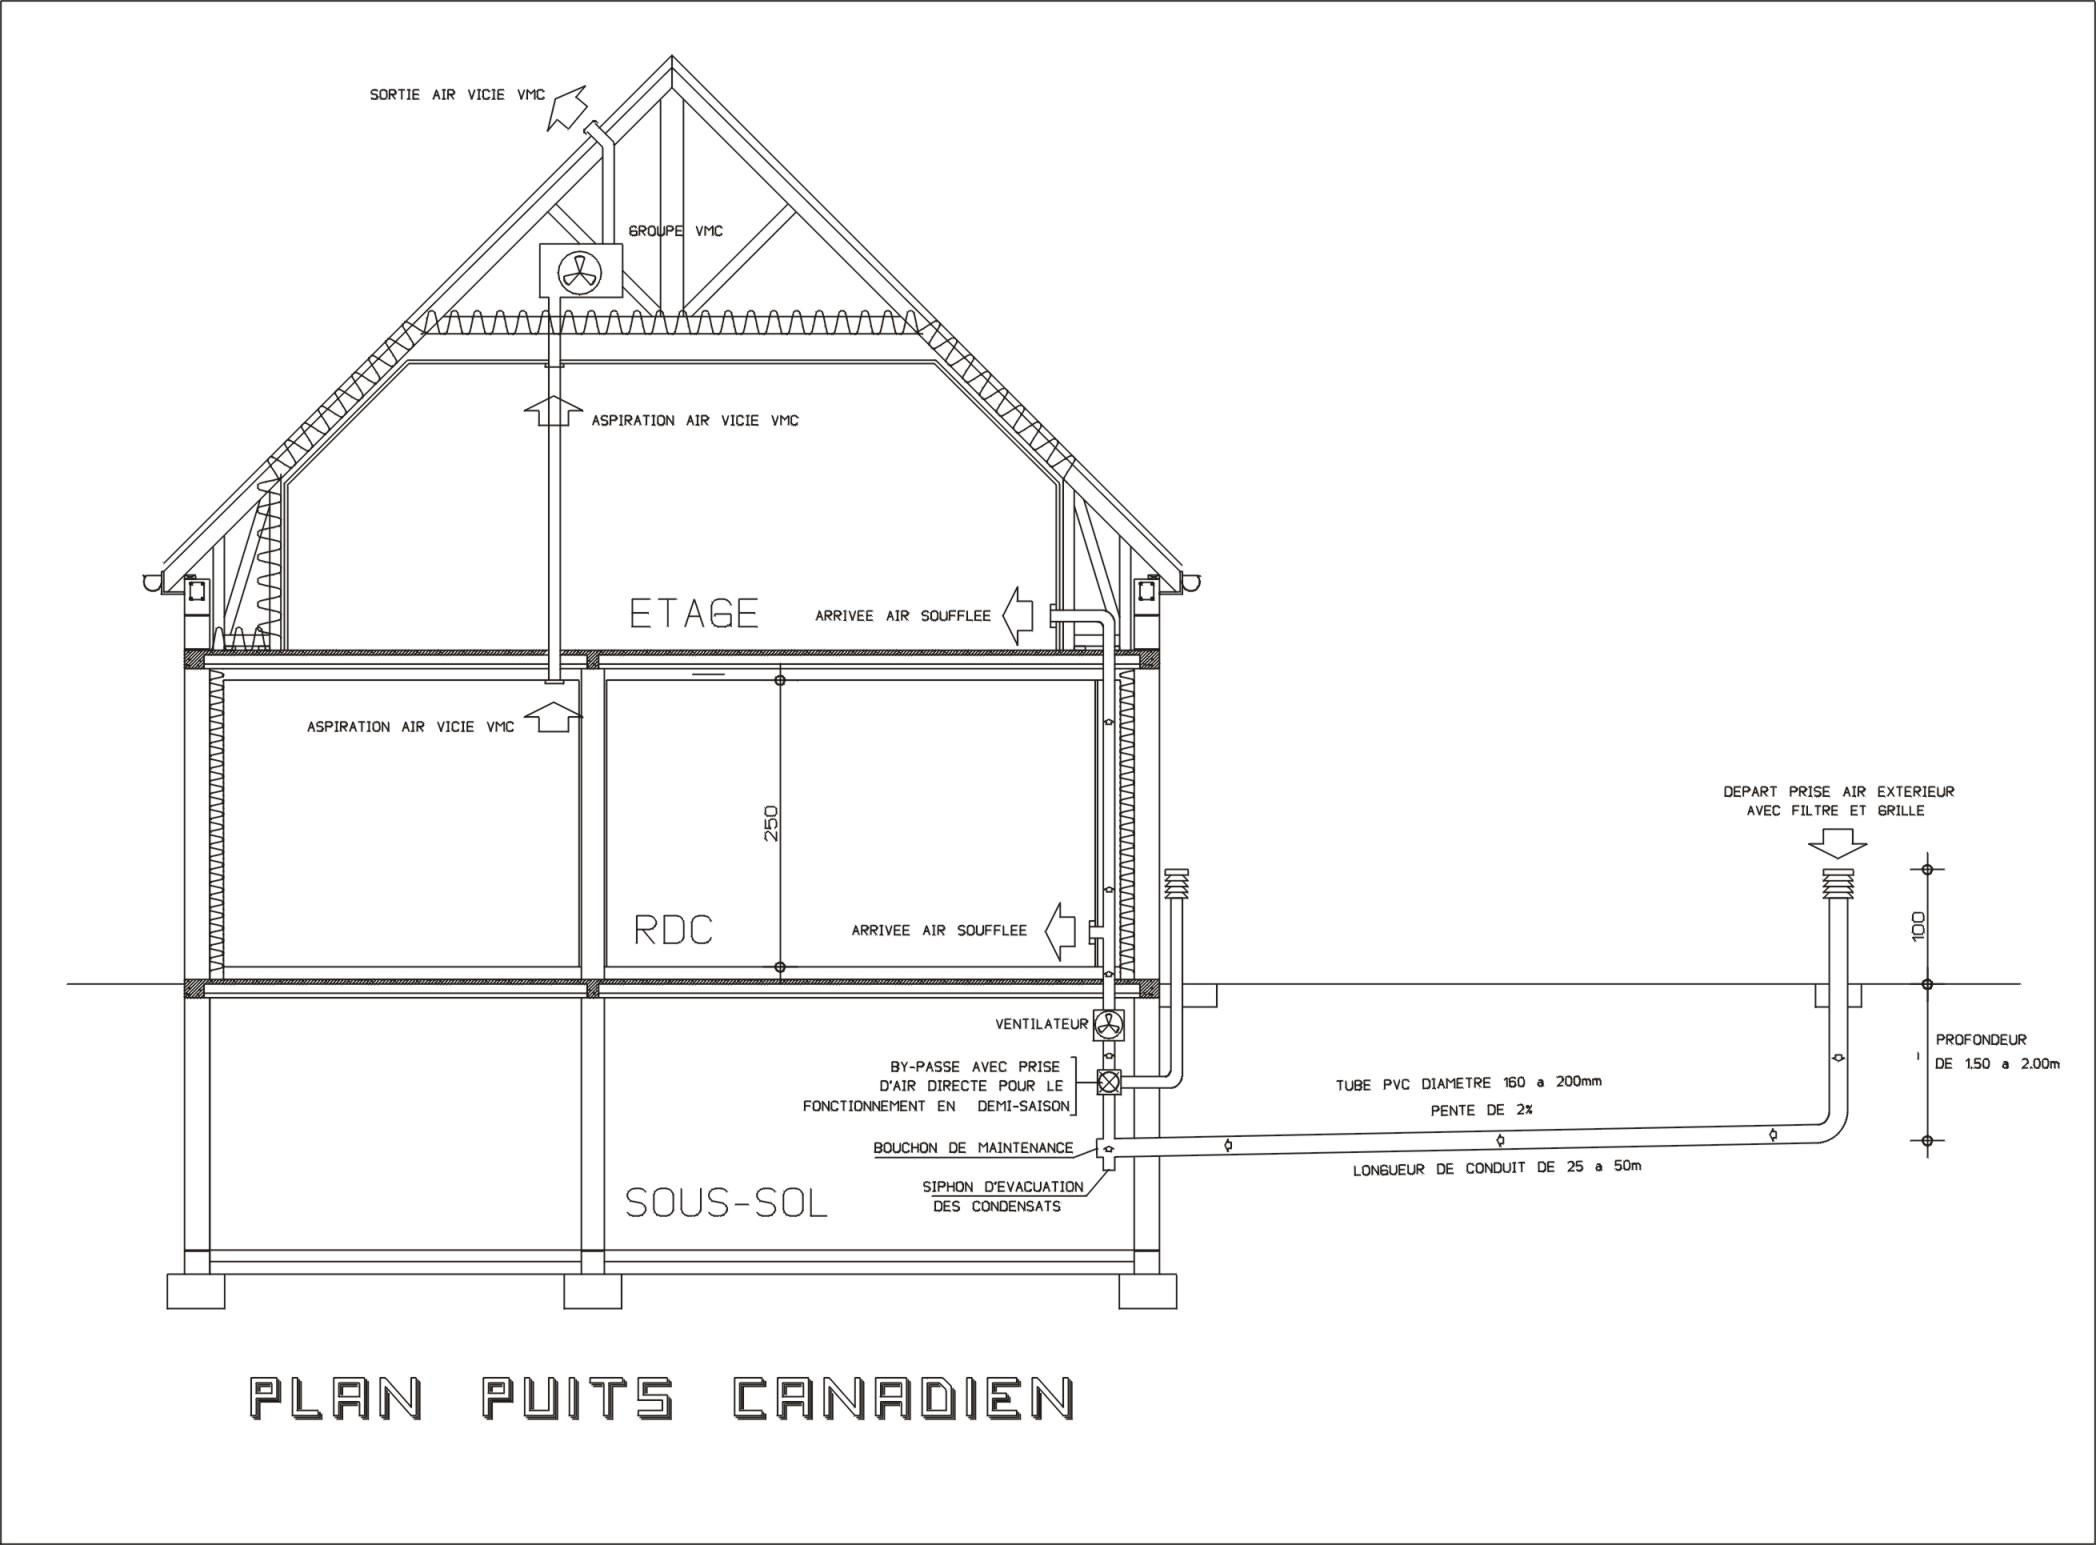 Puits Canadien Plan pour le puits canadien - [association appel d'air]